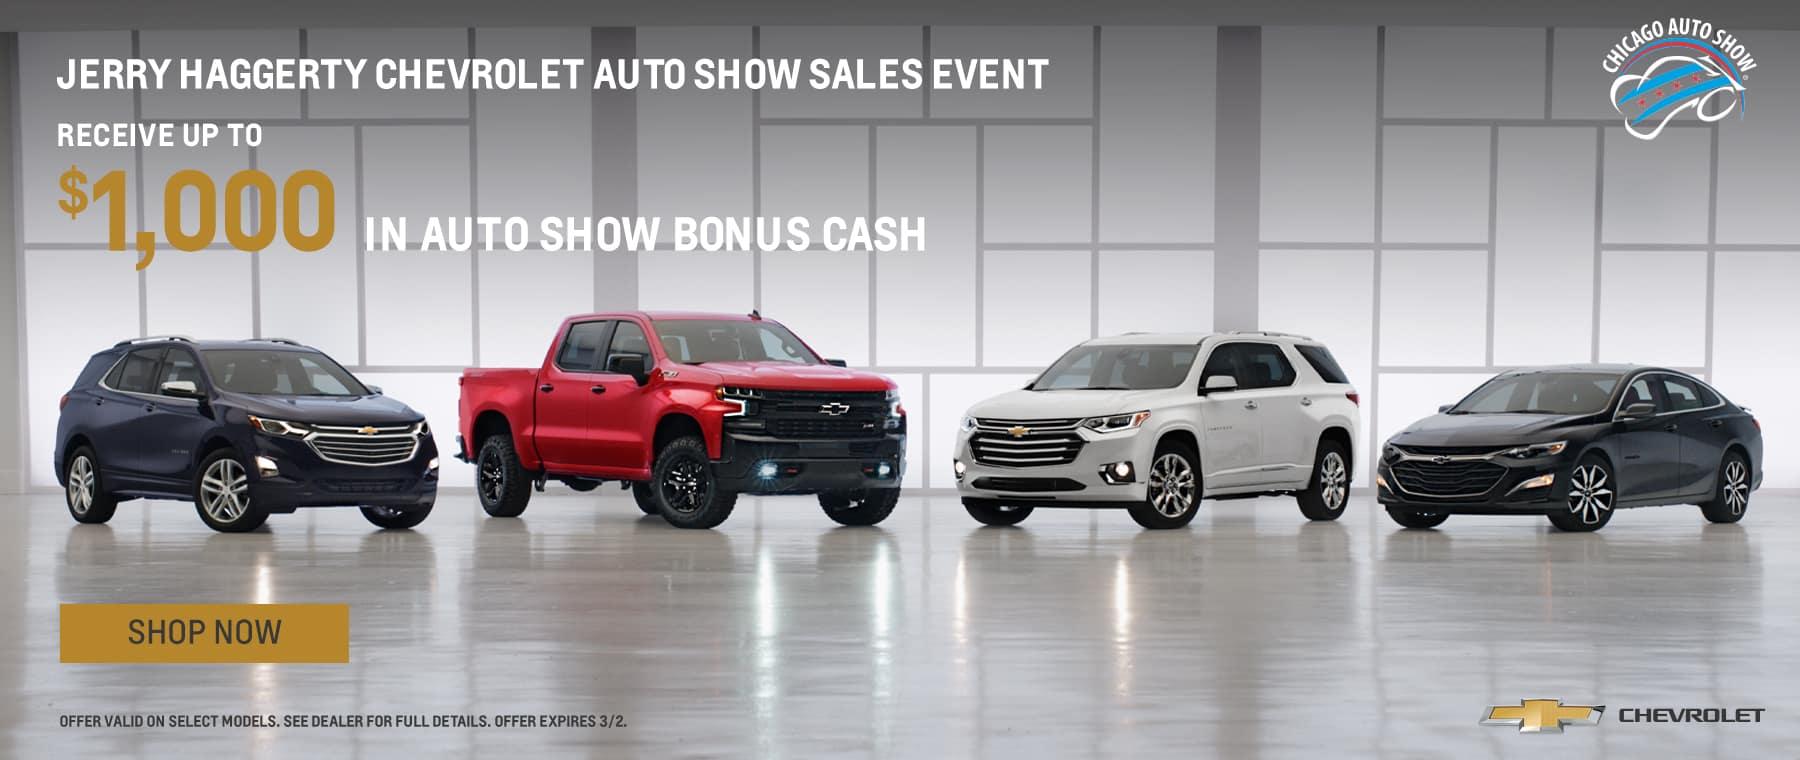 Auto Show Bonus Cash